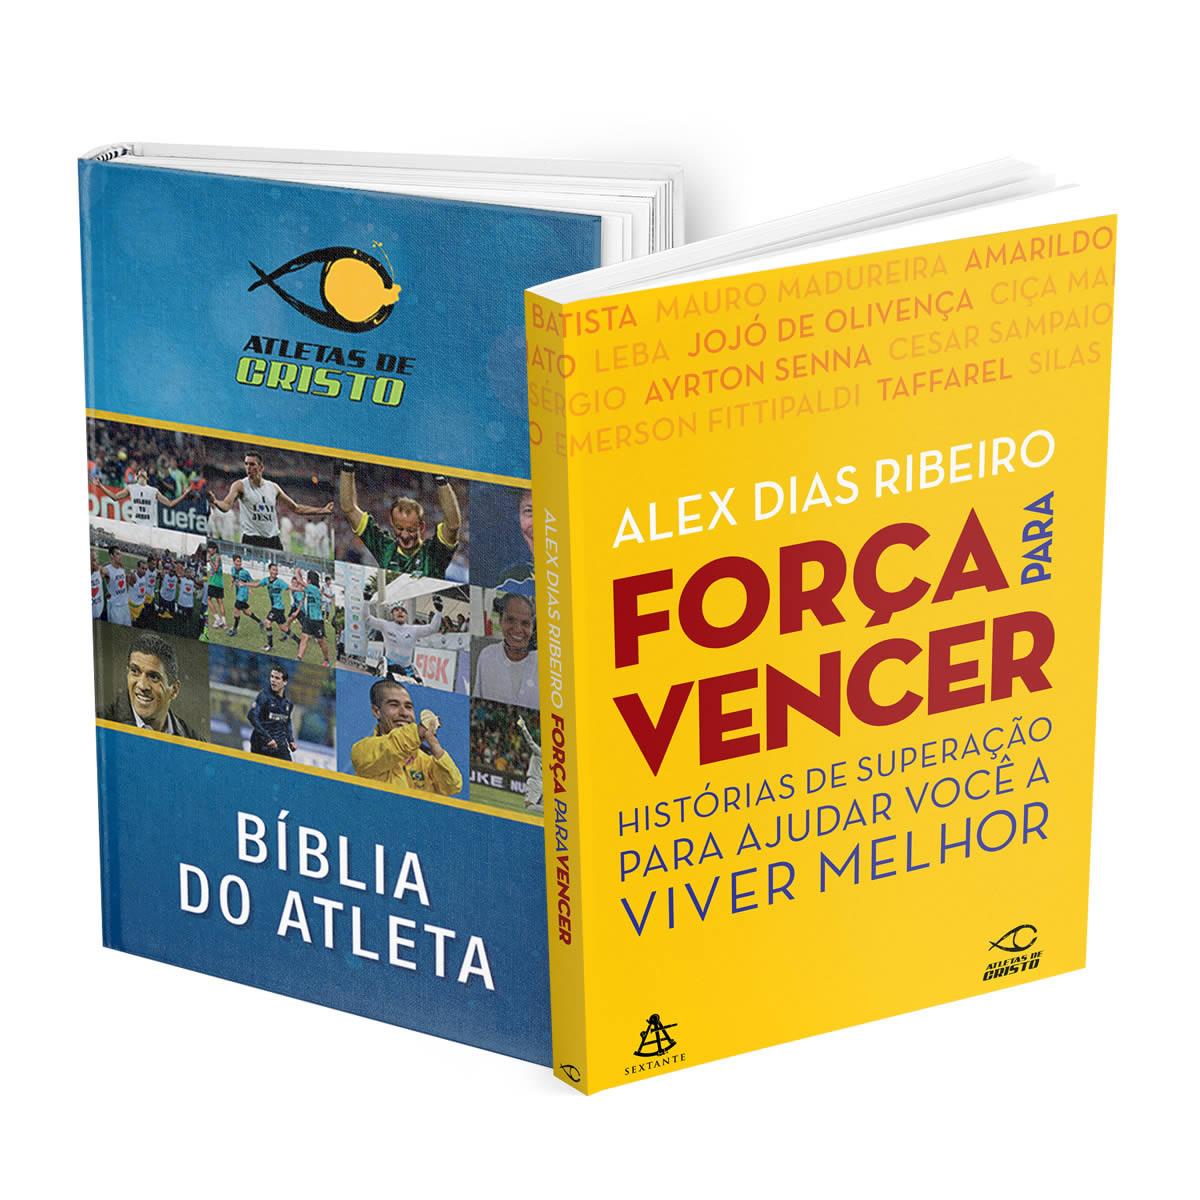 BÍBLIA ATLETAS DE CRISTO + LIVRO FORÇA PARA VENCER - FRETE GRÁTIS!